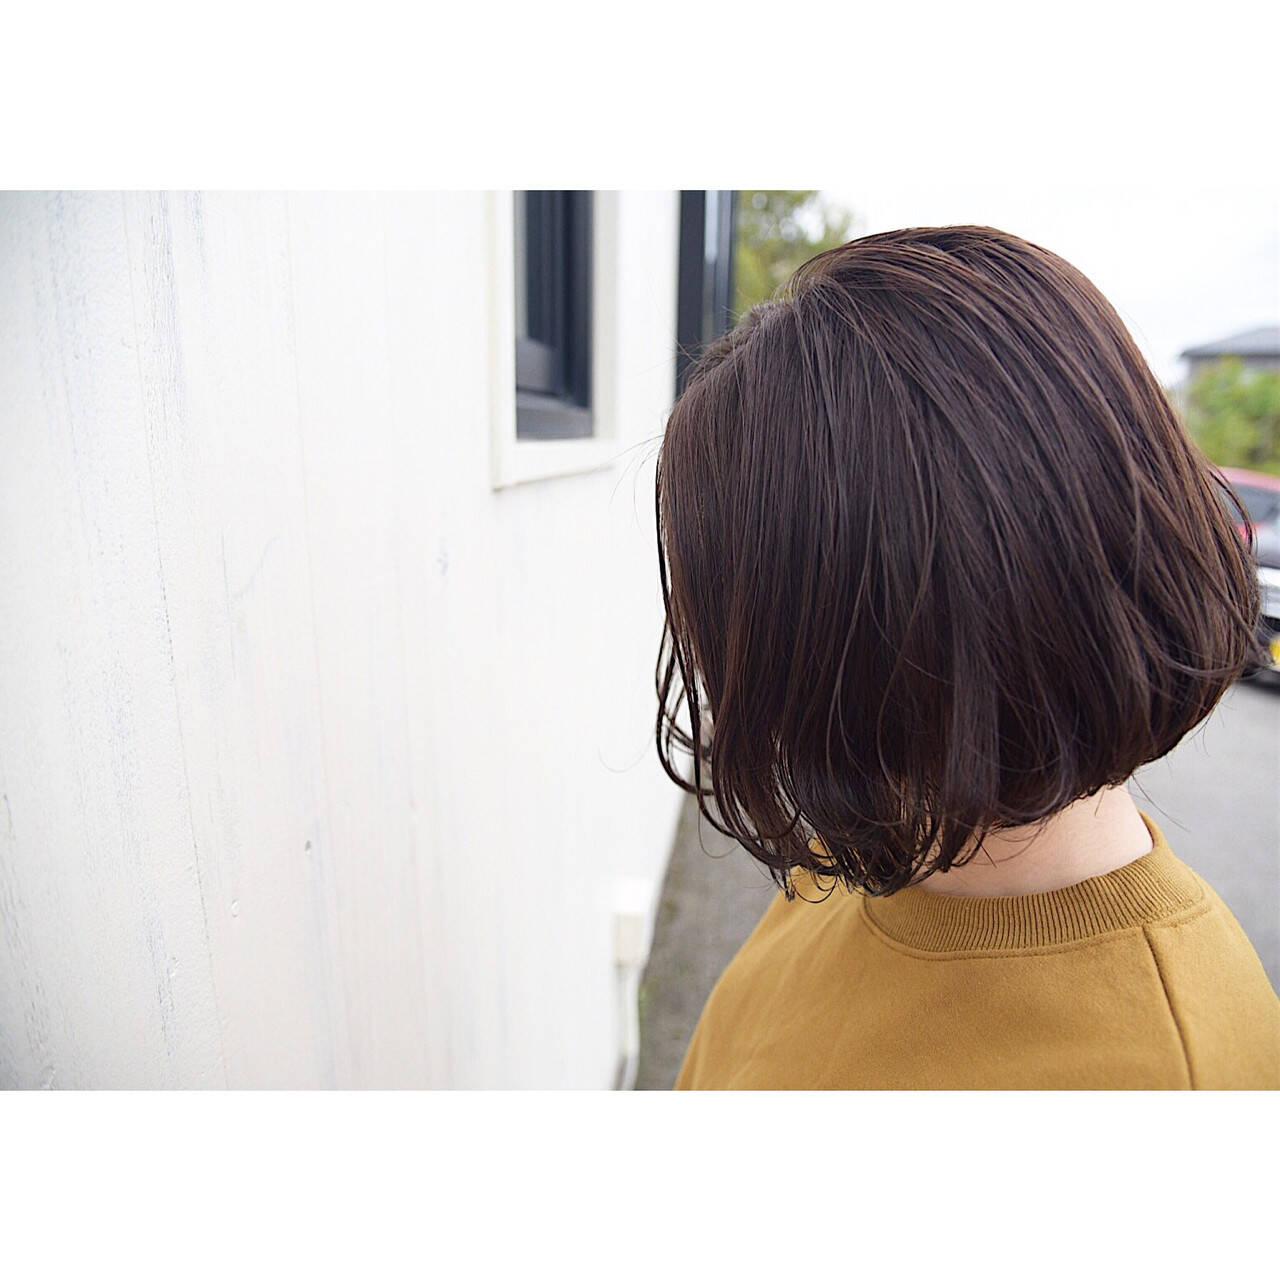 色気 ナチュラル 冬 大人女子ヘアスタイルや髪型の写真・画像